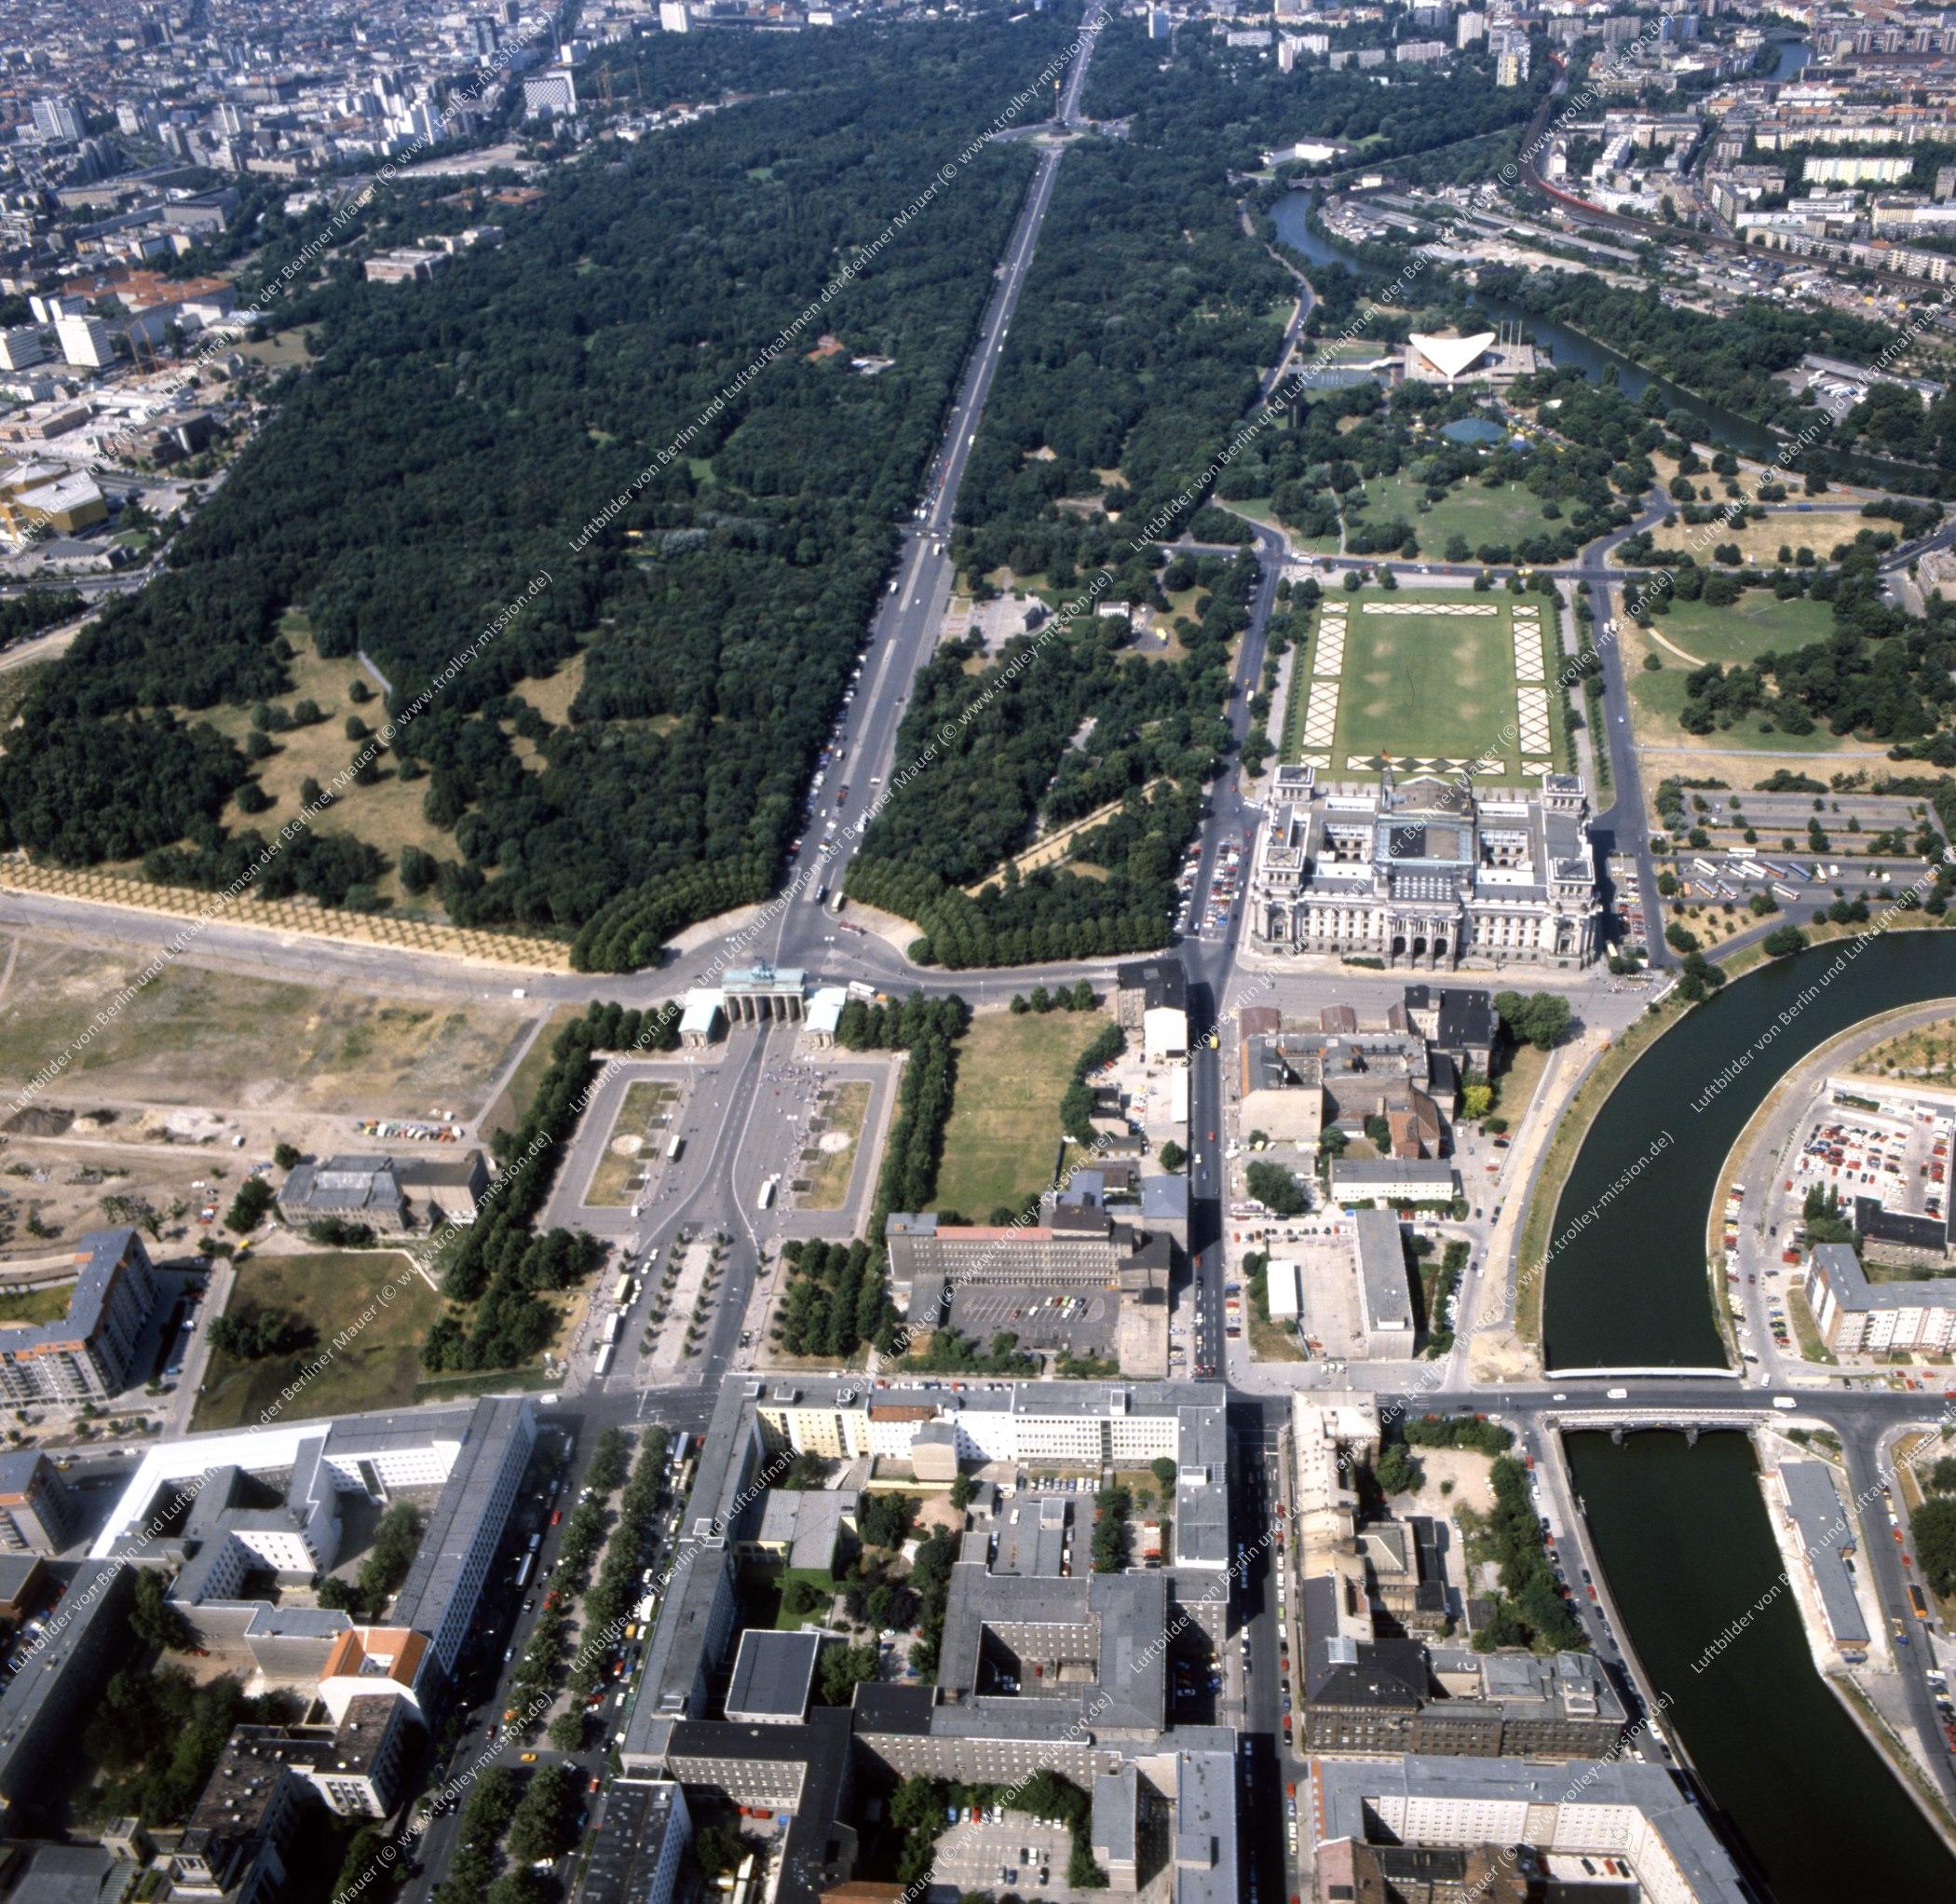 Brandenburger Tor und Reichstag - Rundflug (Luftbild) nach der deutschen Wiedervereinigung (Bild 139)